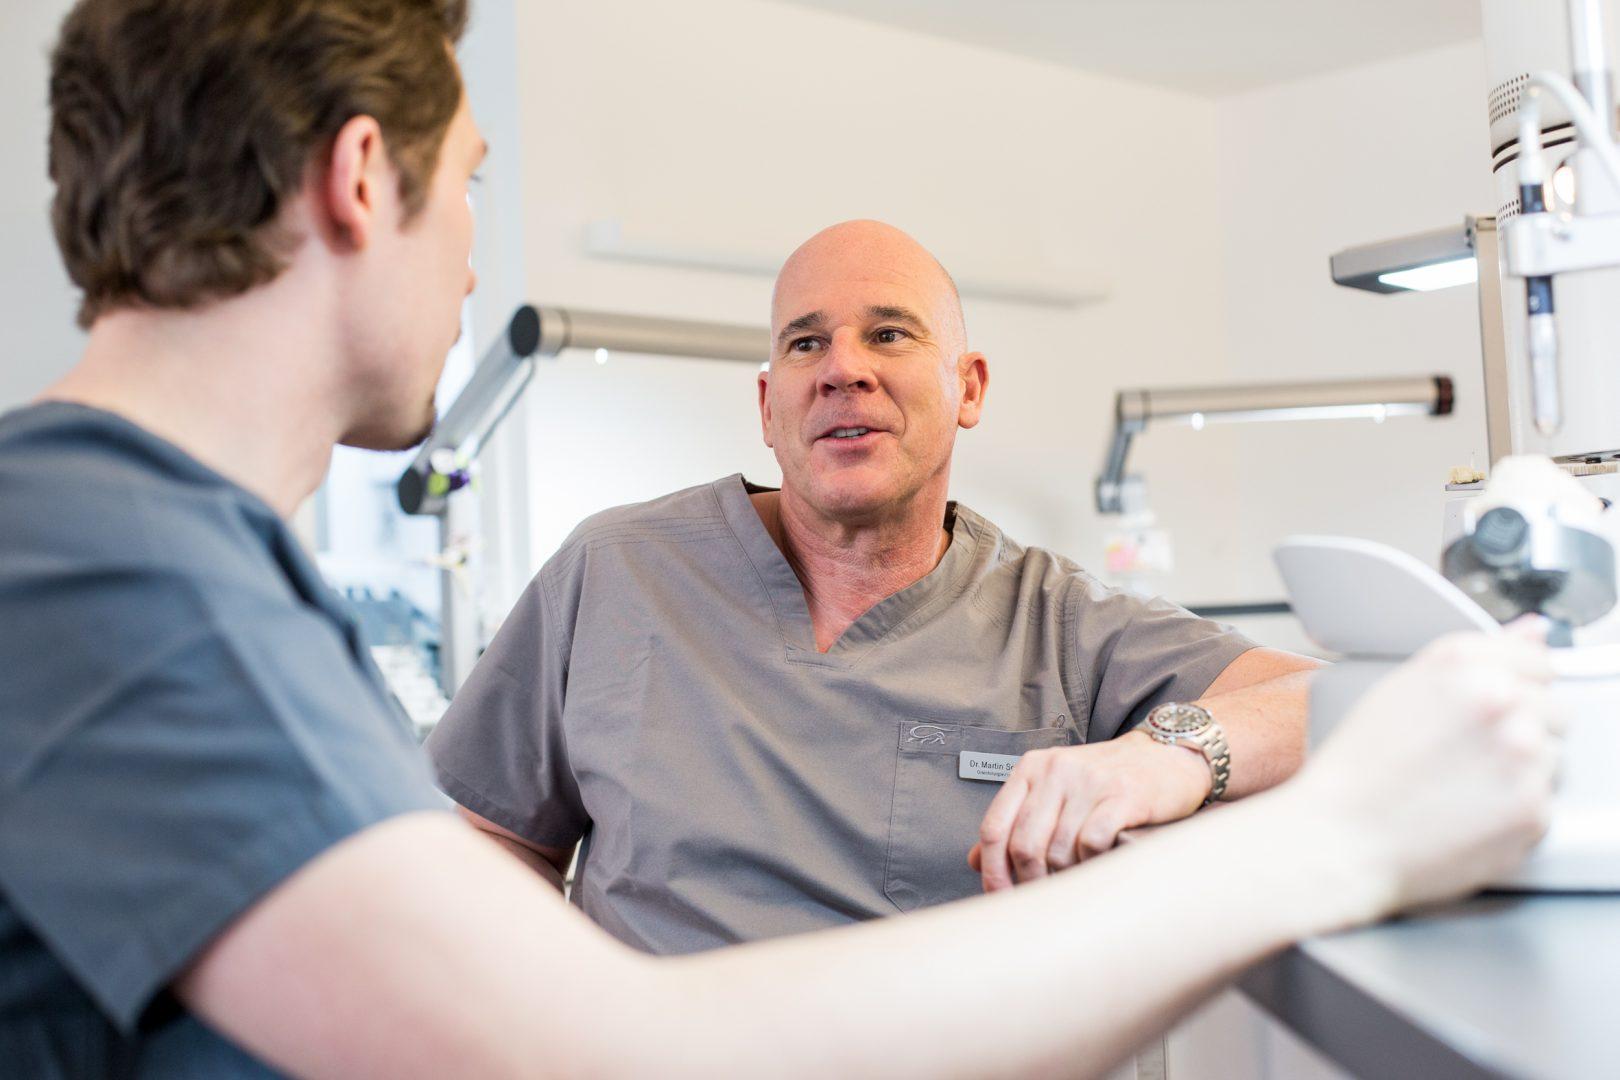 Zahnkultur Köln: Zahnlabor Ästhetik Dr. Martin Schneider und Thomas Unruh im Gespräch